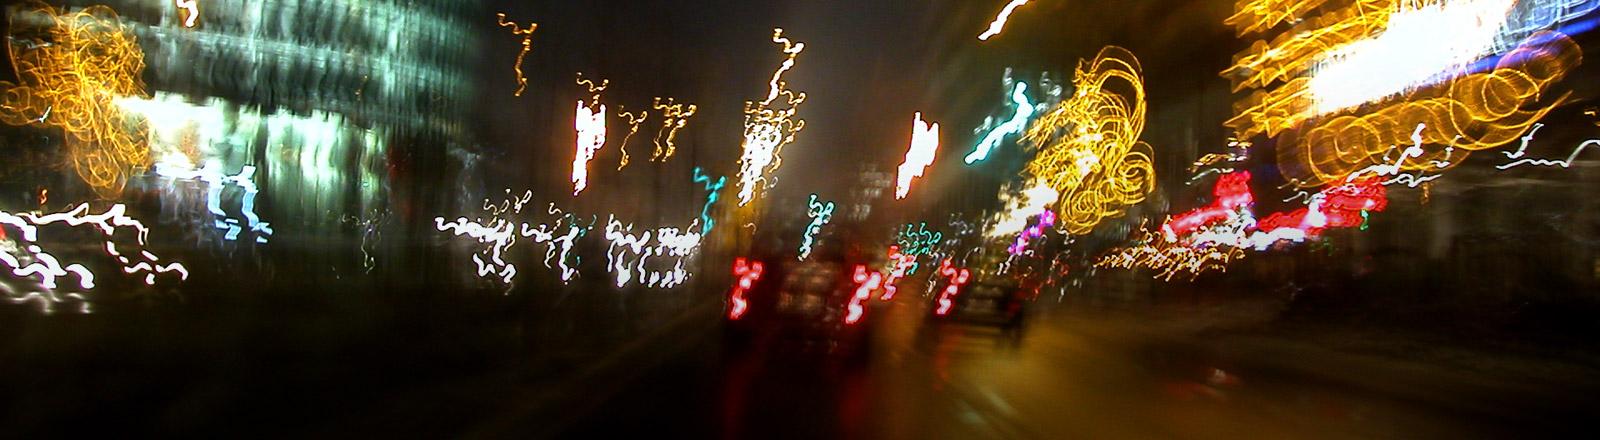 Aufnahme einer beleuchteten Stadt bei Nacht.